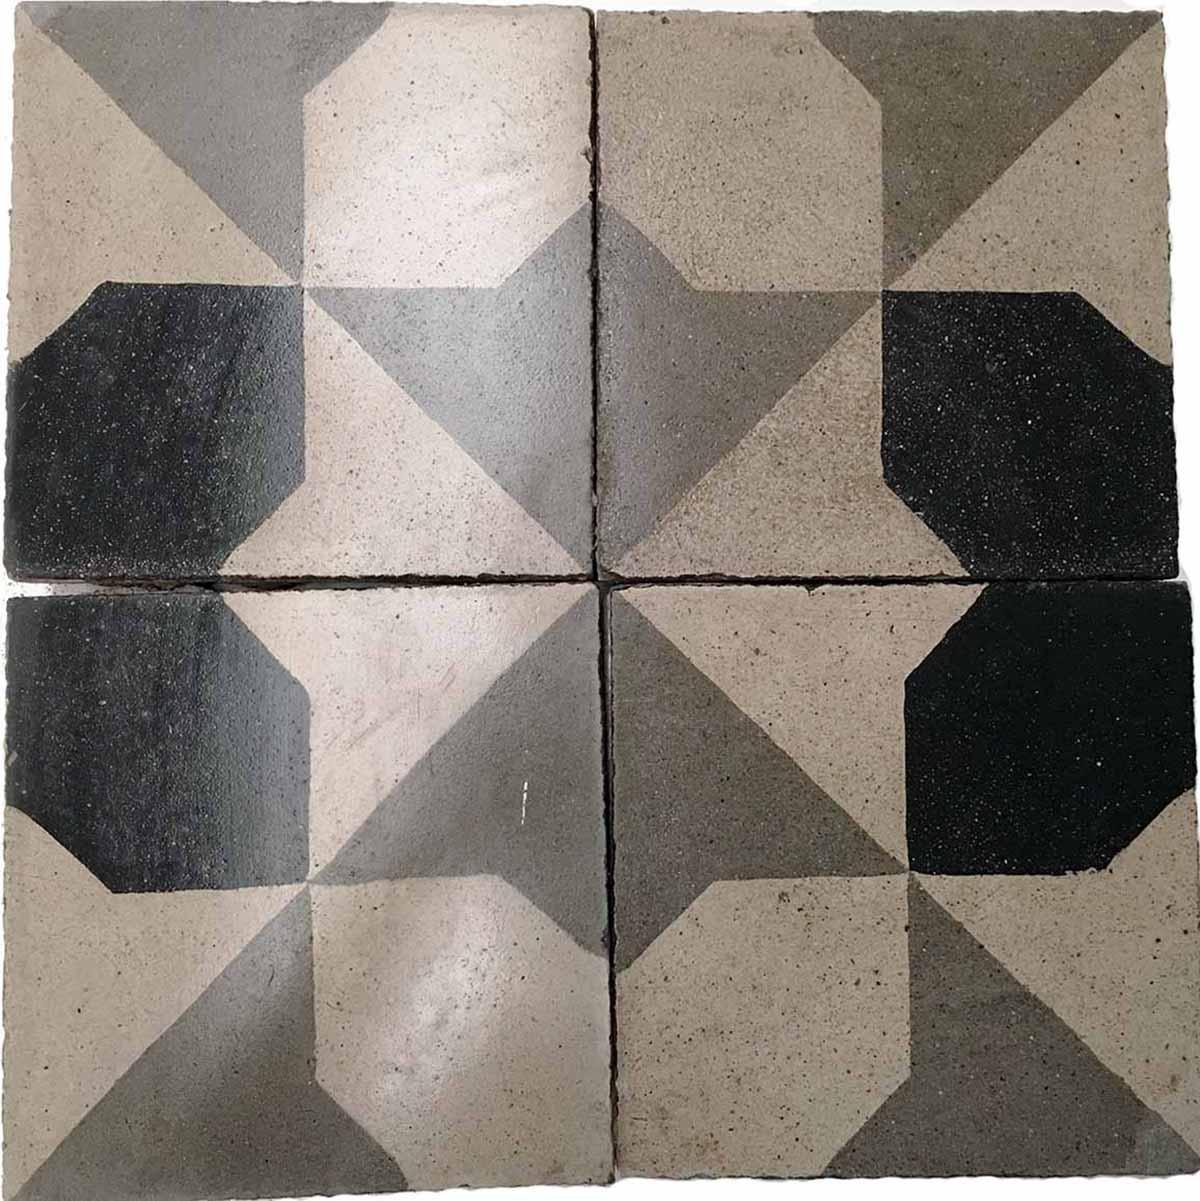 Descubre la decoración con mosaicos hidráulicos en Latinoamérica